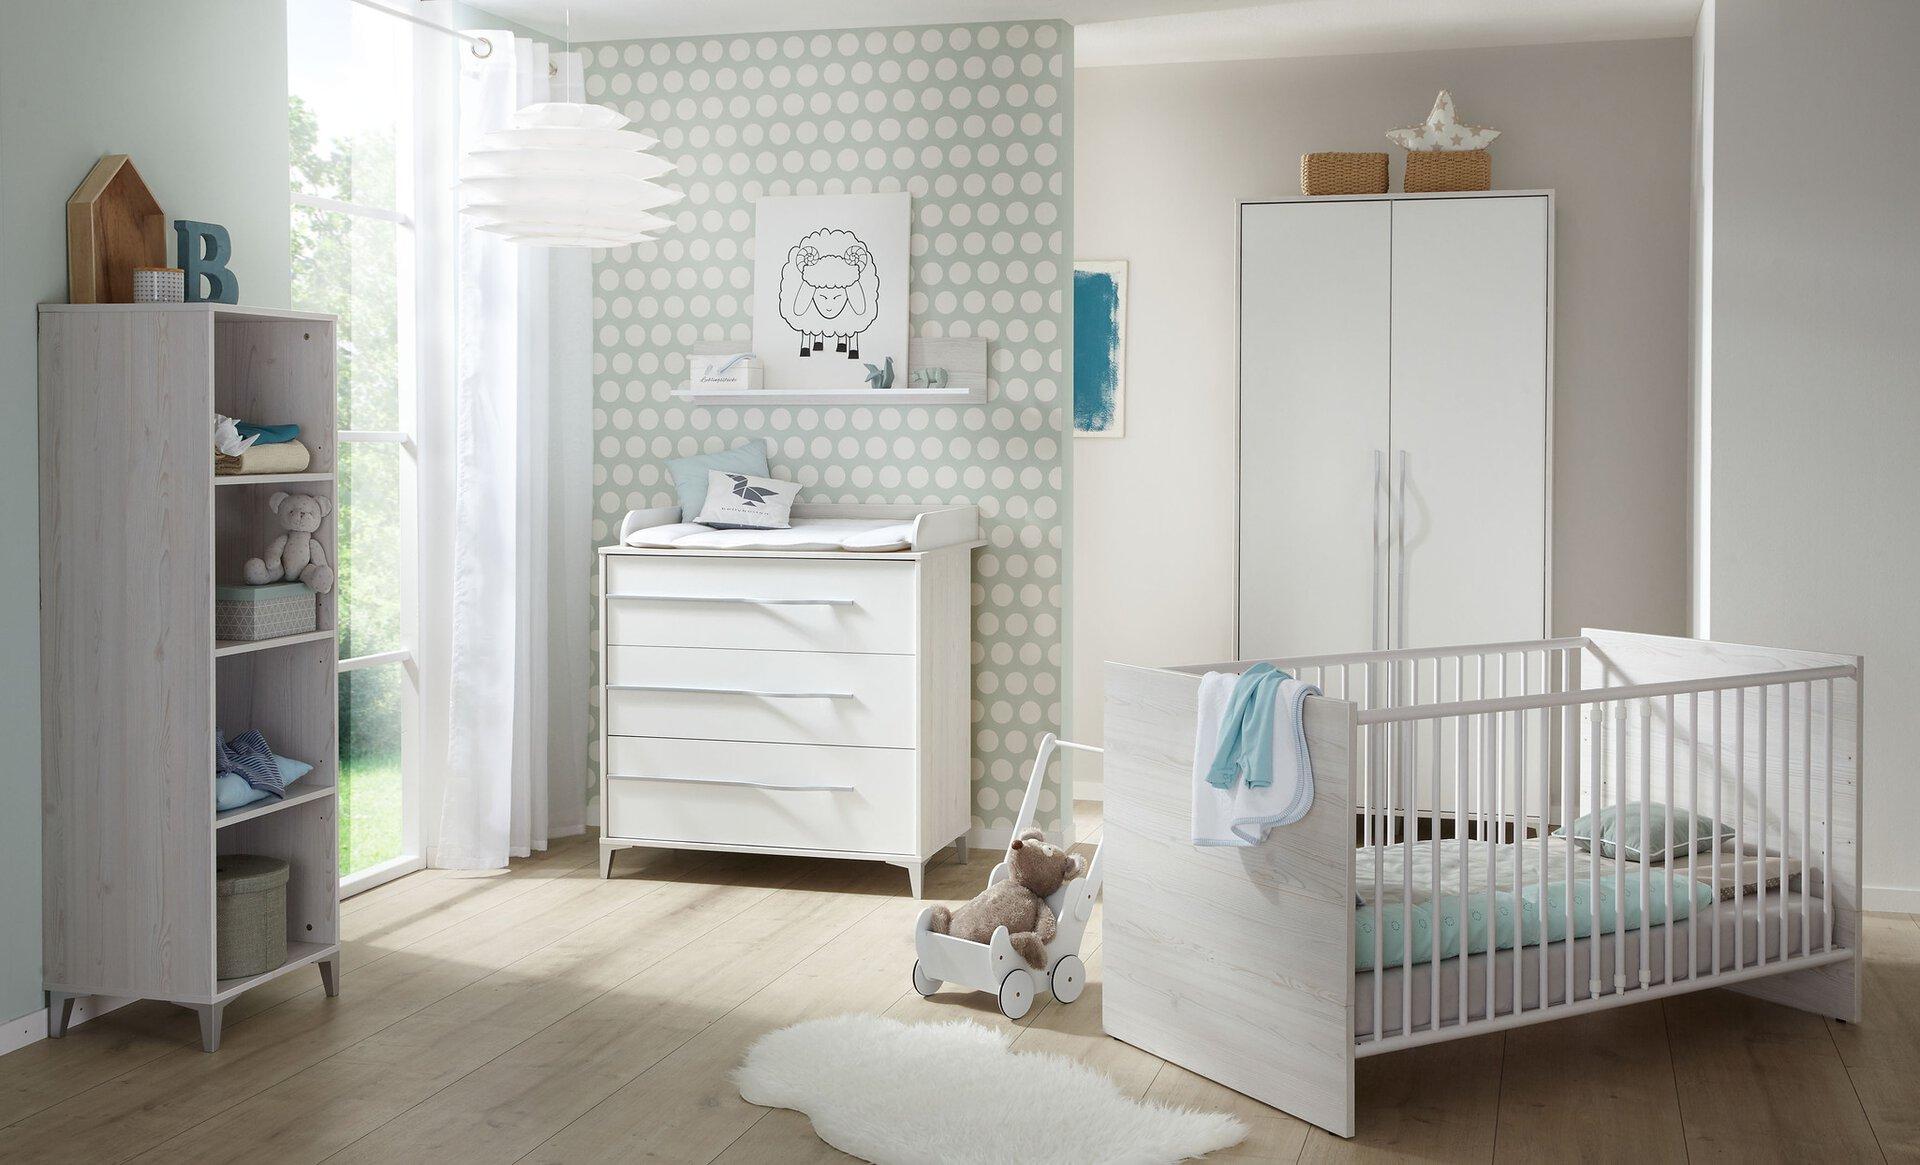 Kinderbett LOVELY BABY KORVIN inbuy Holzwerkstoff 144 x 78 x 78 cm